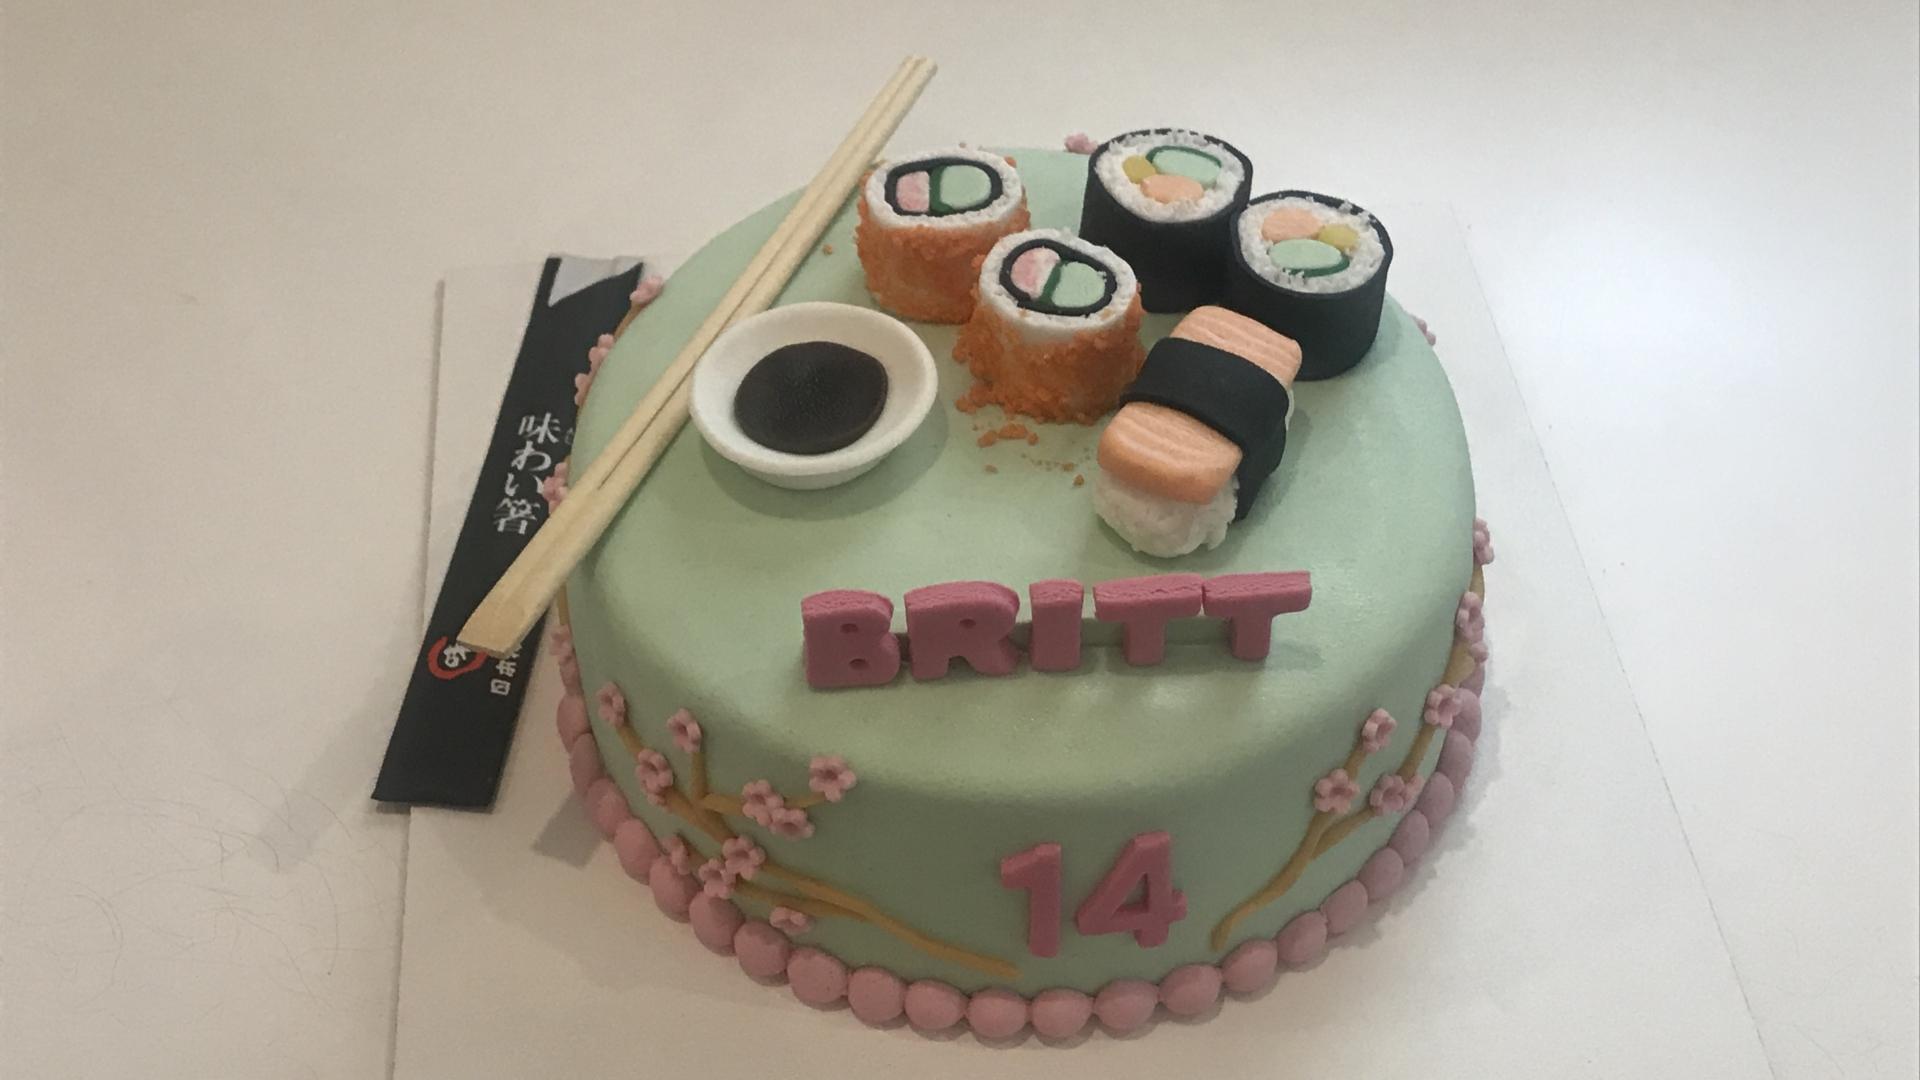 Sushi taart BRITT